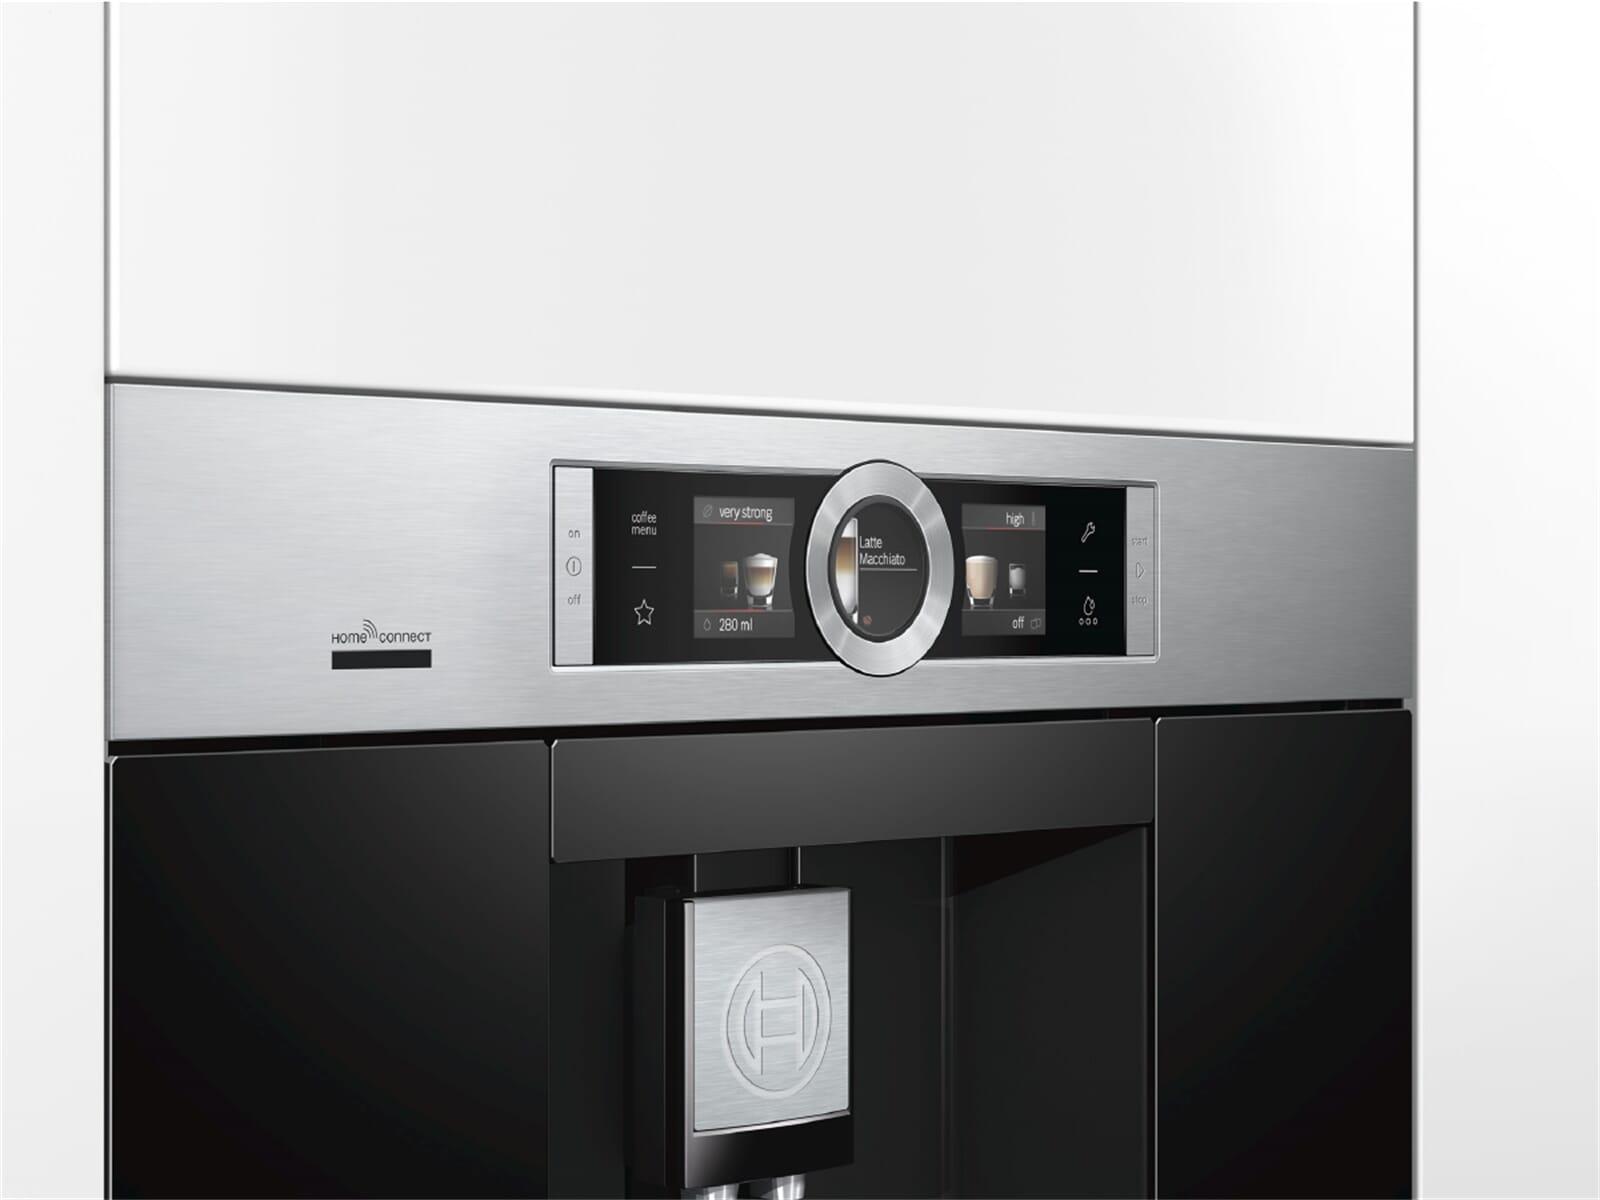 Bosch Kühlschrank Kondenswasserbehälter Reinigen : Bosch ctl es einbau espresso kaffeevollautomat edelstahl